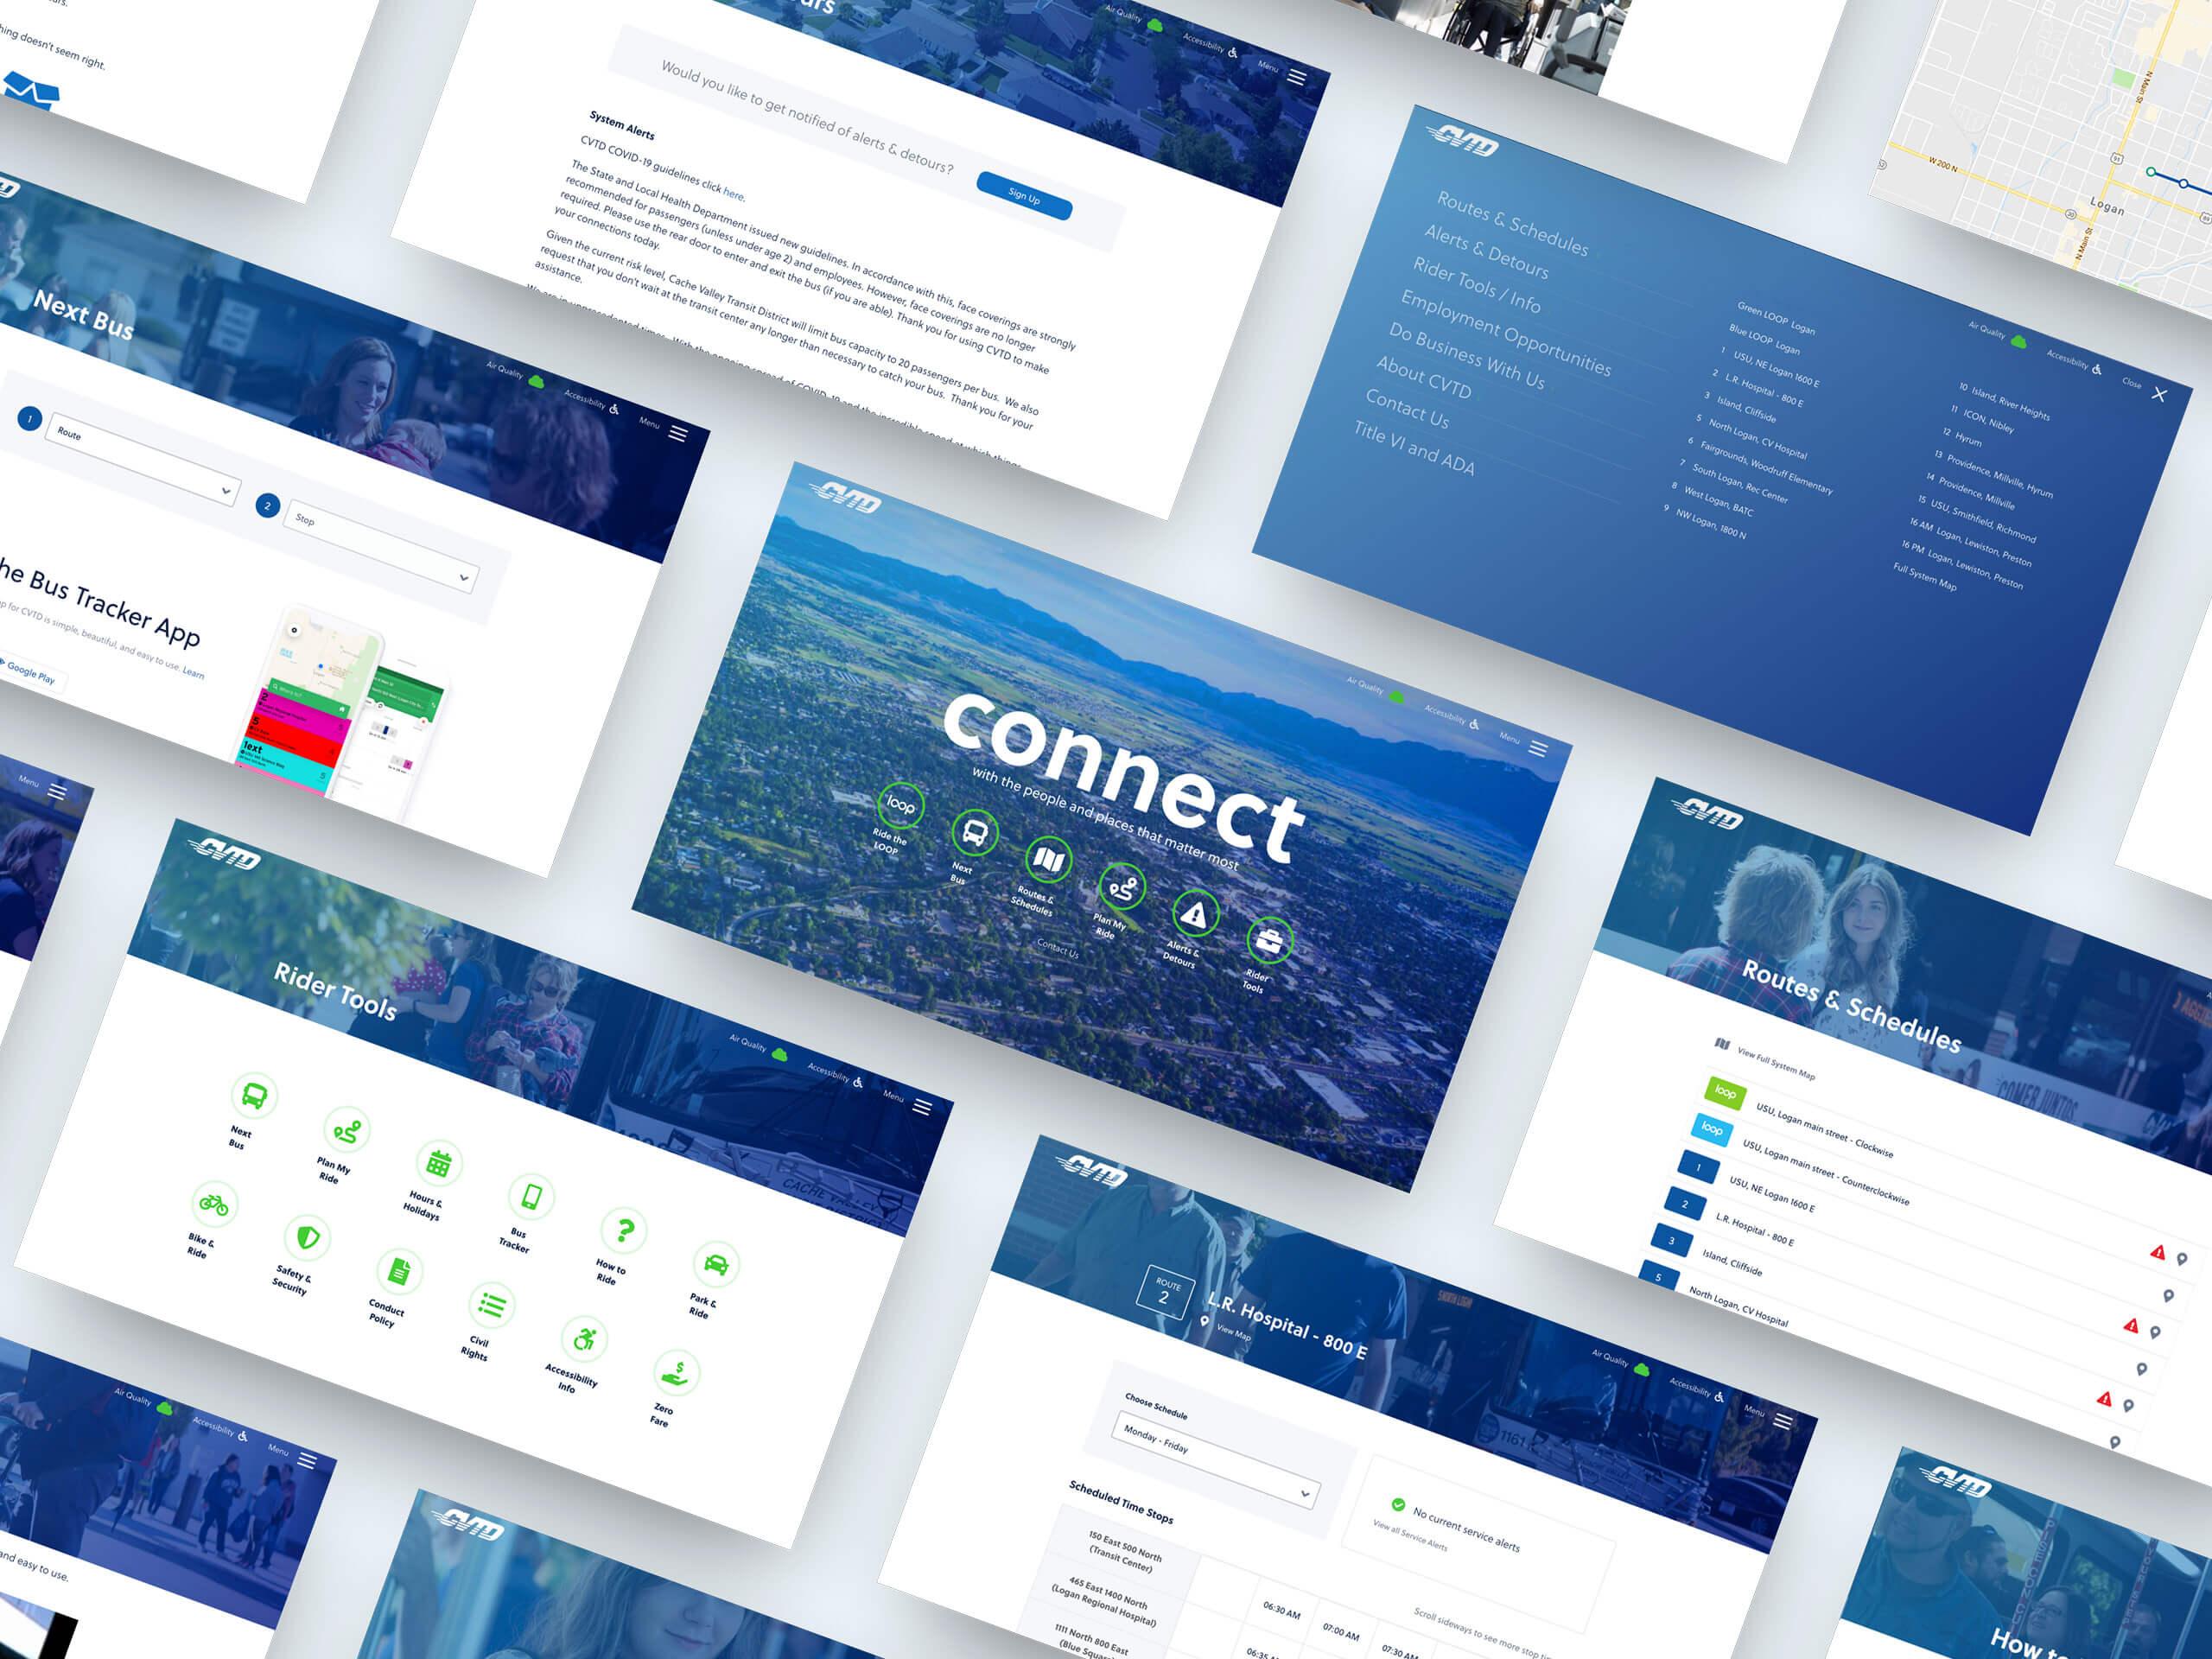 Packsize website screenshot on laptop screen